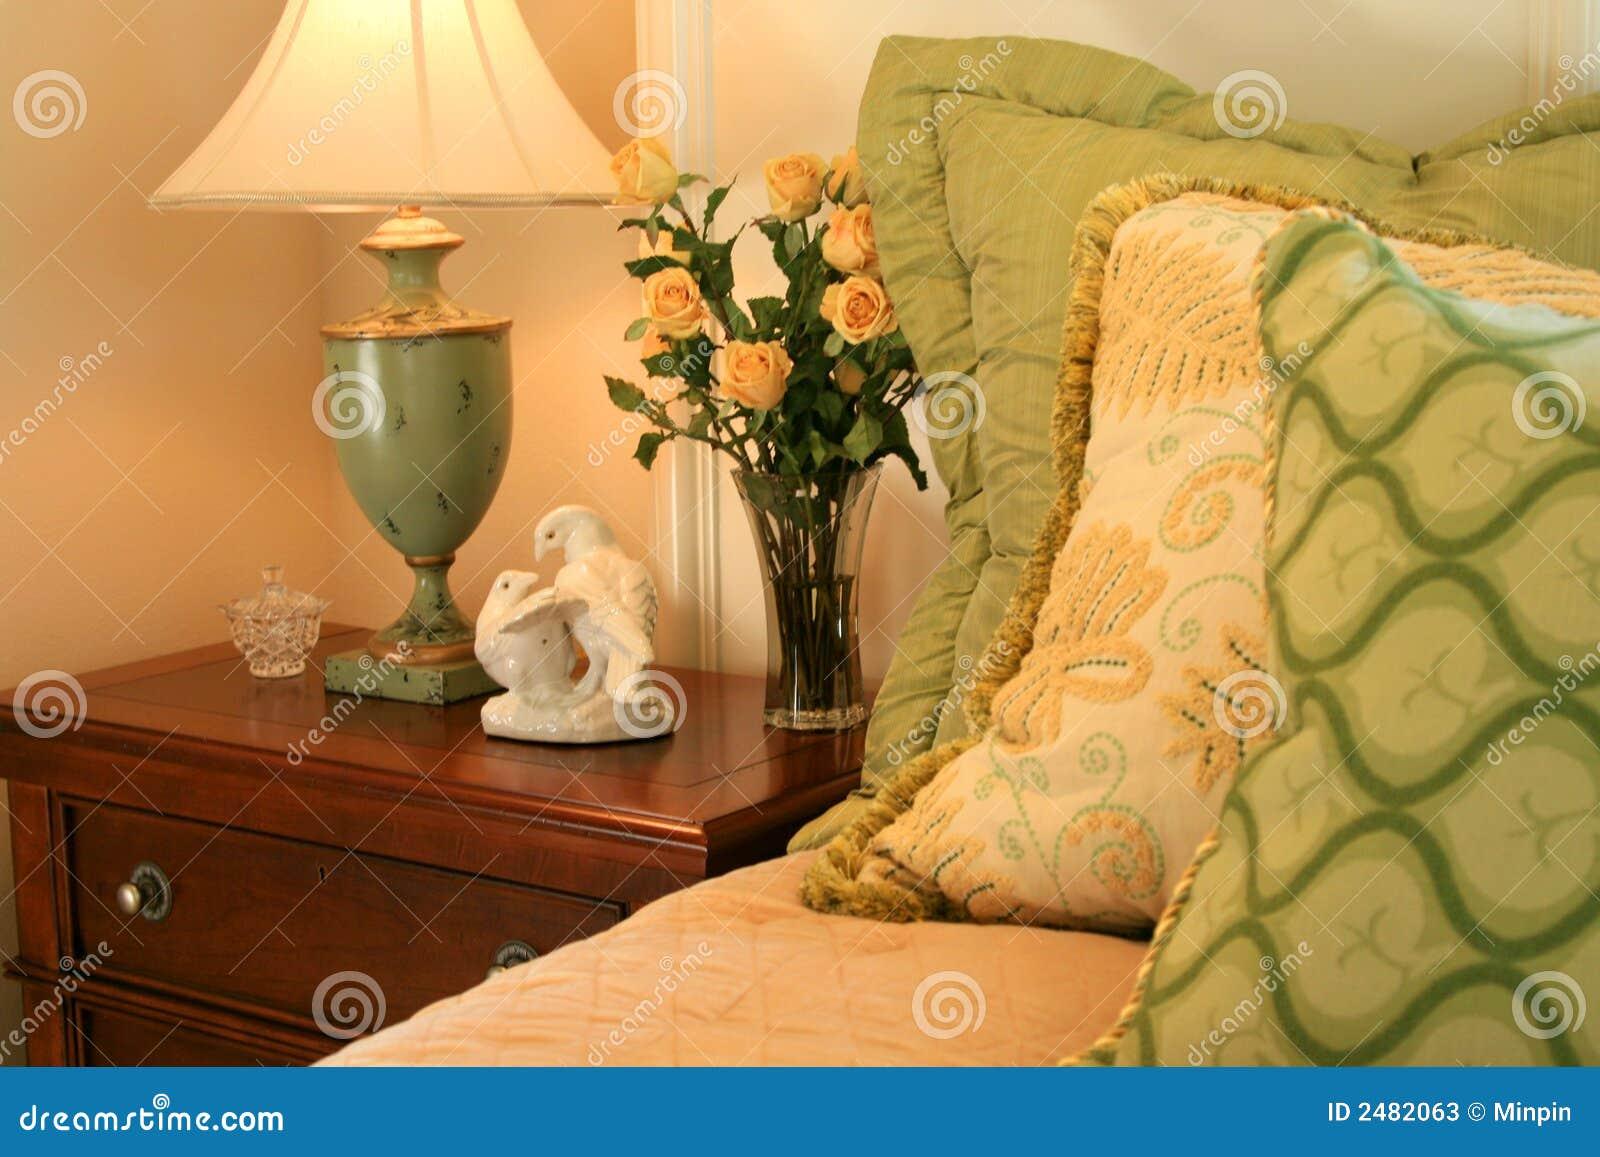 Angolo Del Letto : Angolo della camera da letto immagine stock immagine di rose